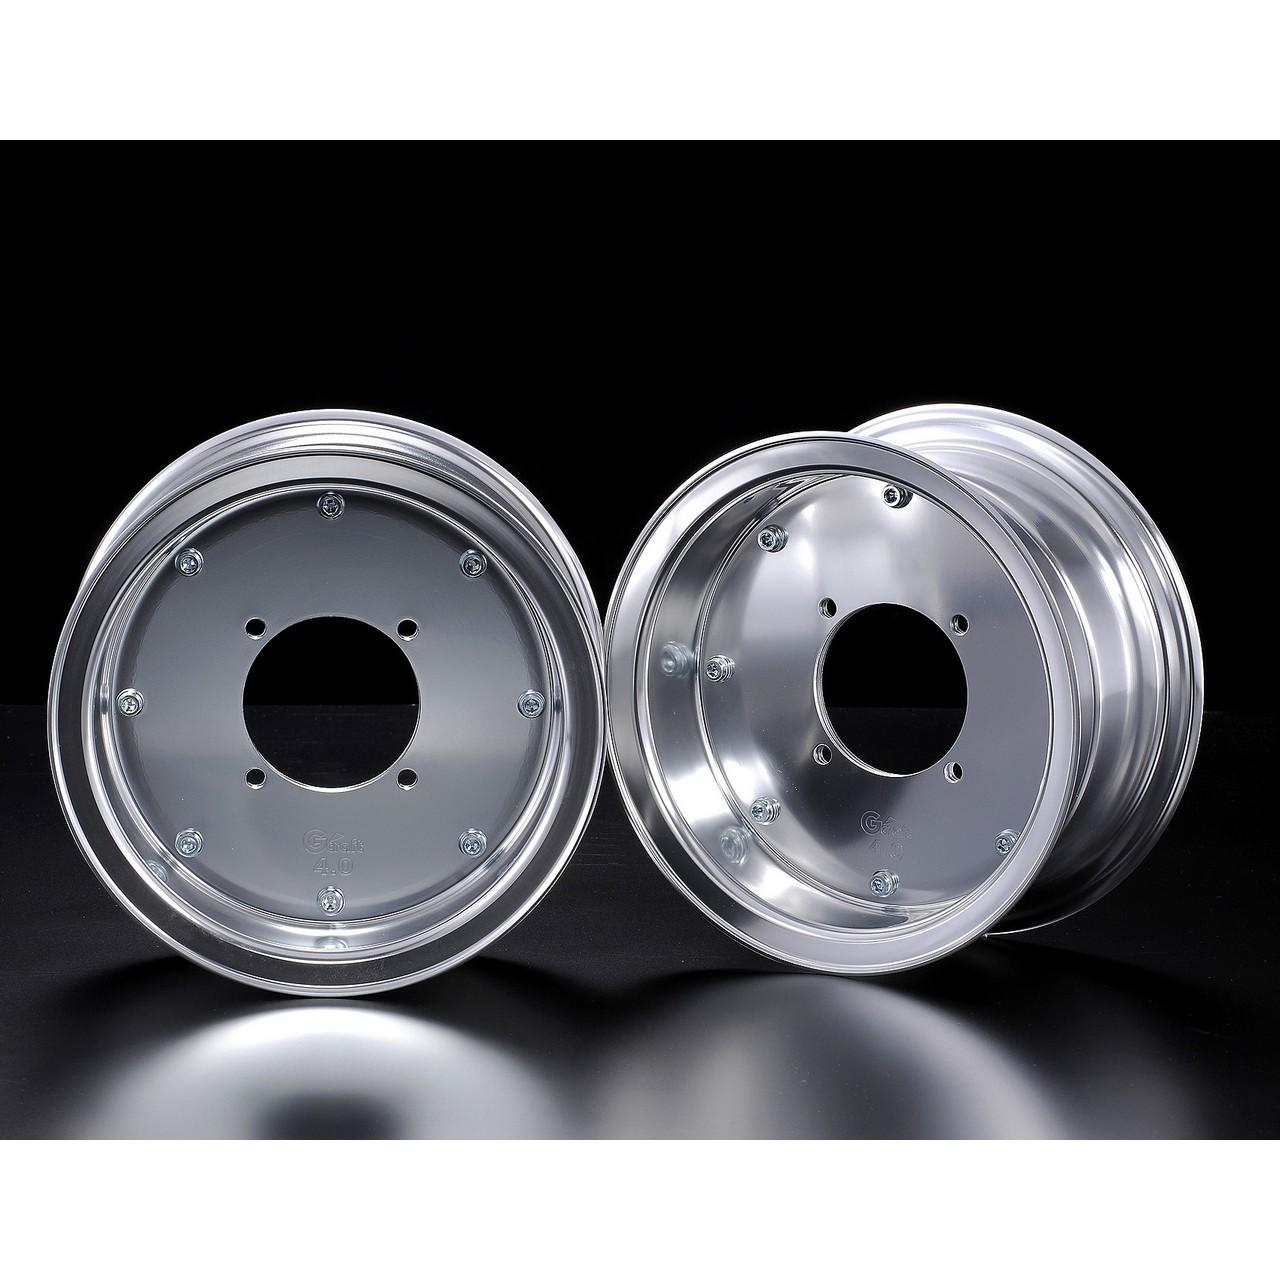 【G-Craft】4.0J 封閉型式 銀色8英吋寬版輪框 4.0J(無開孔) - 「Webike-摩托百貨」